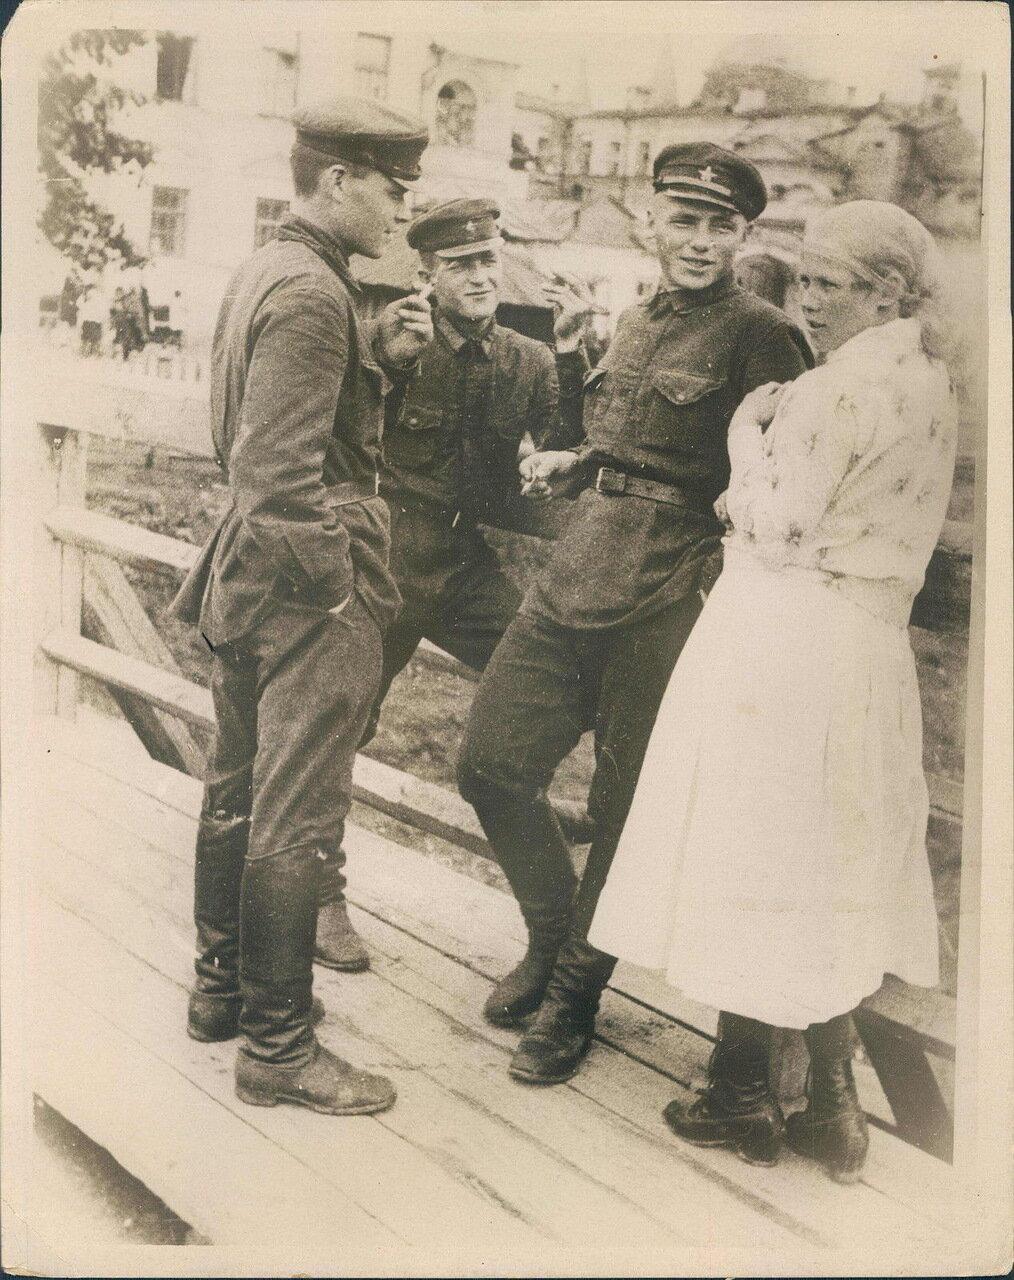 1930. Солдаты беседуют с женщиной